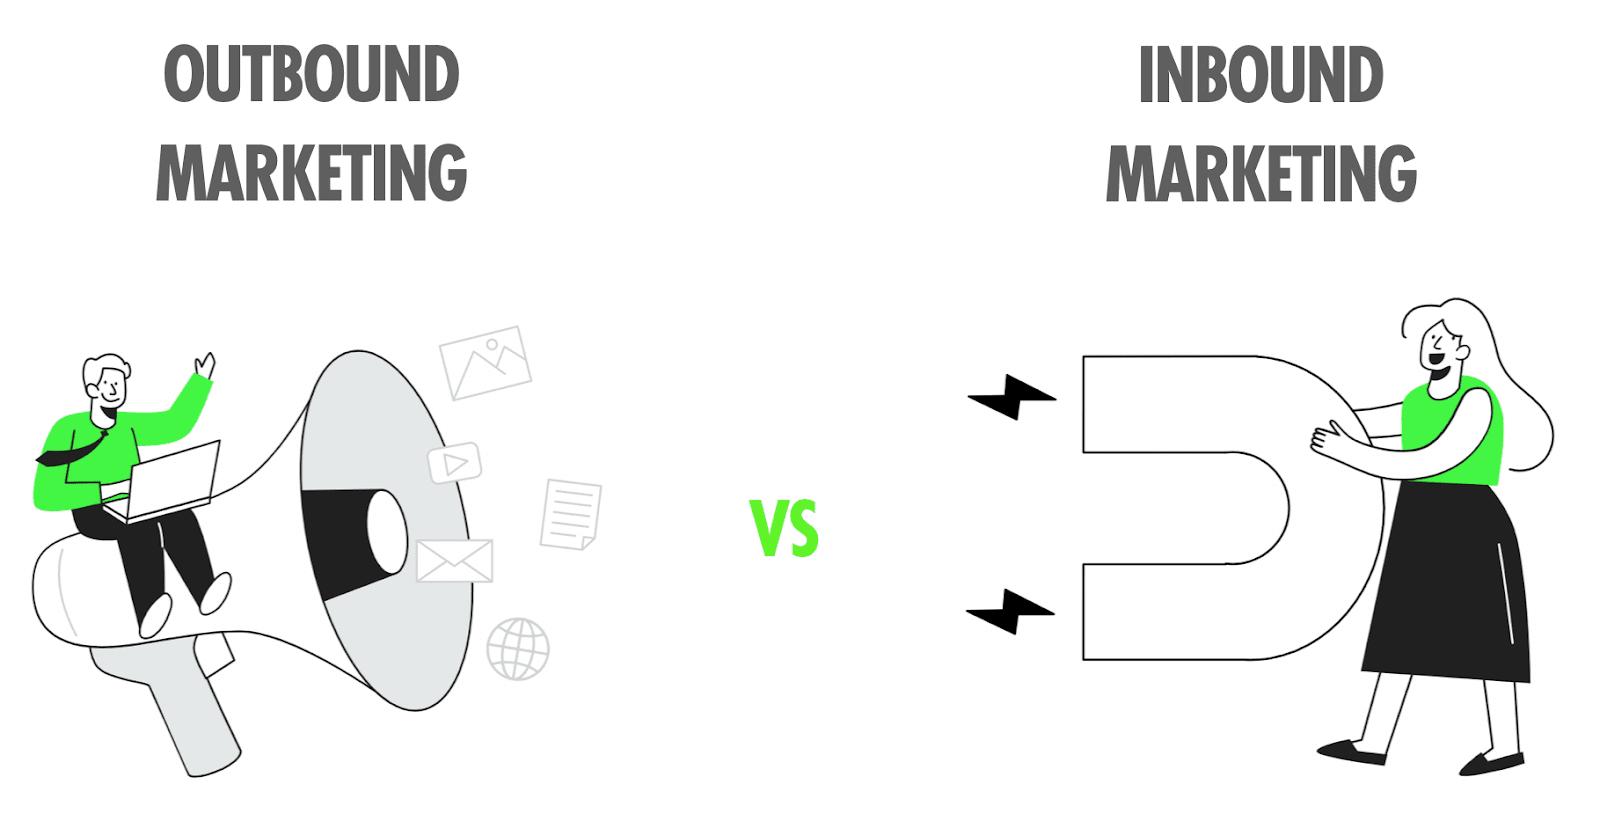 Illustration de la différence entre une stratégie d'Outbound Marketing et d'Inbound Marketing